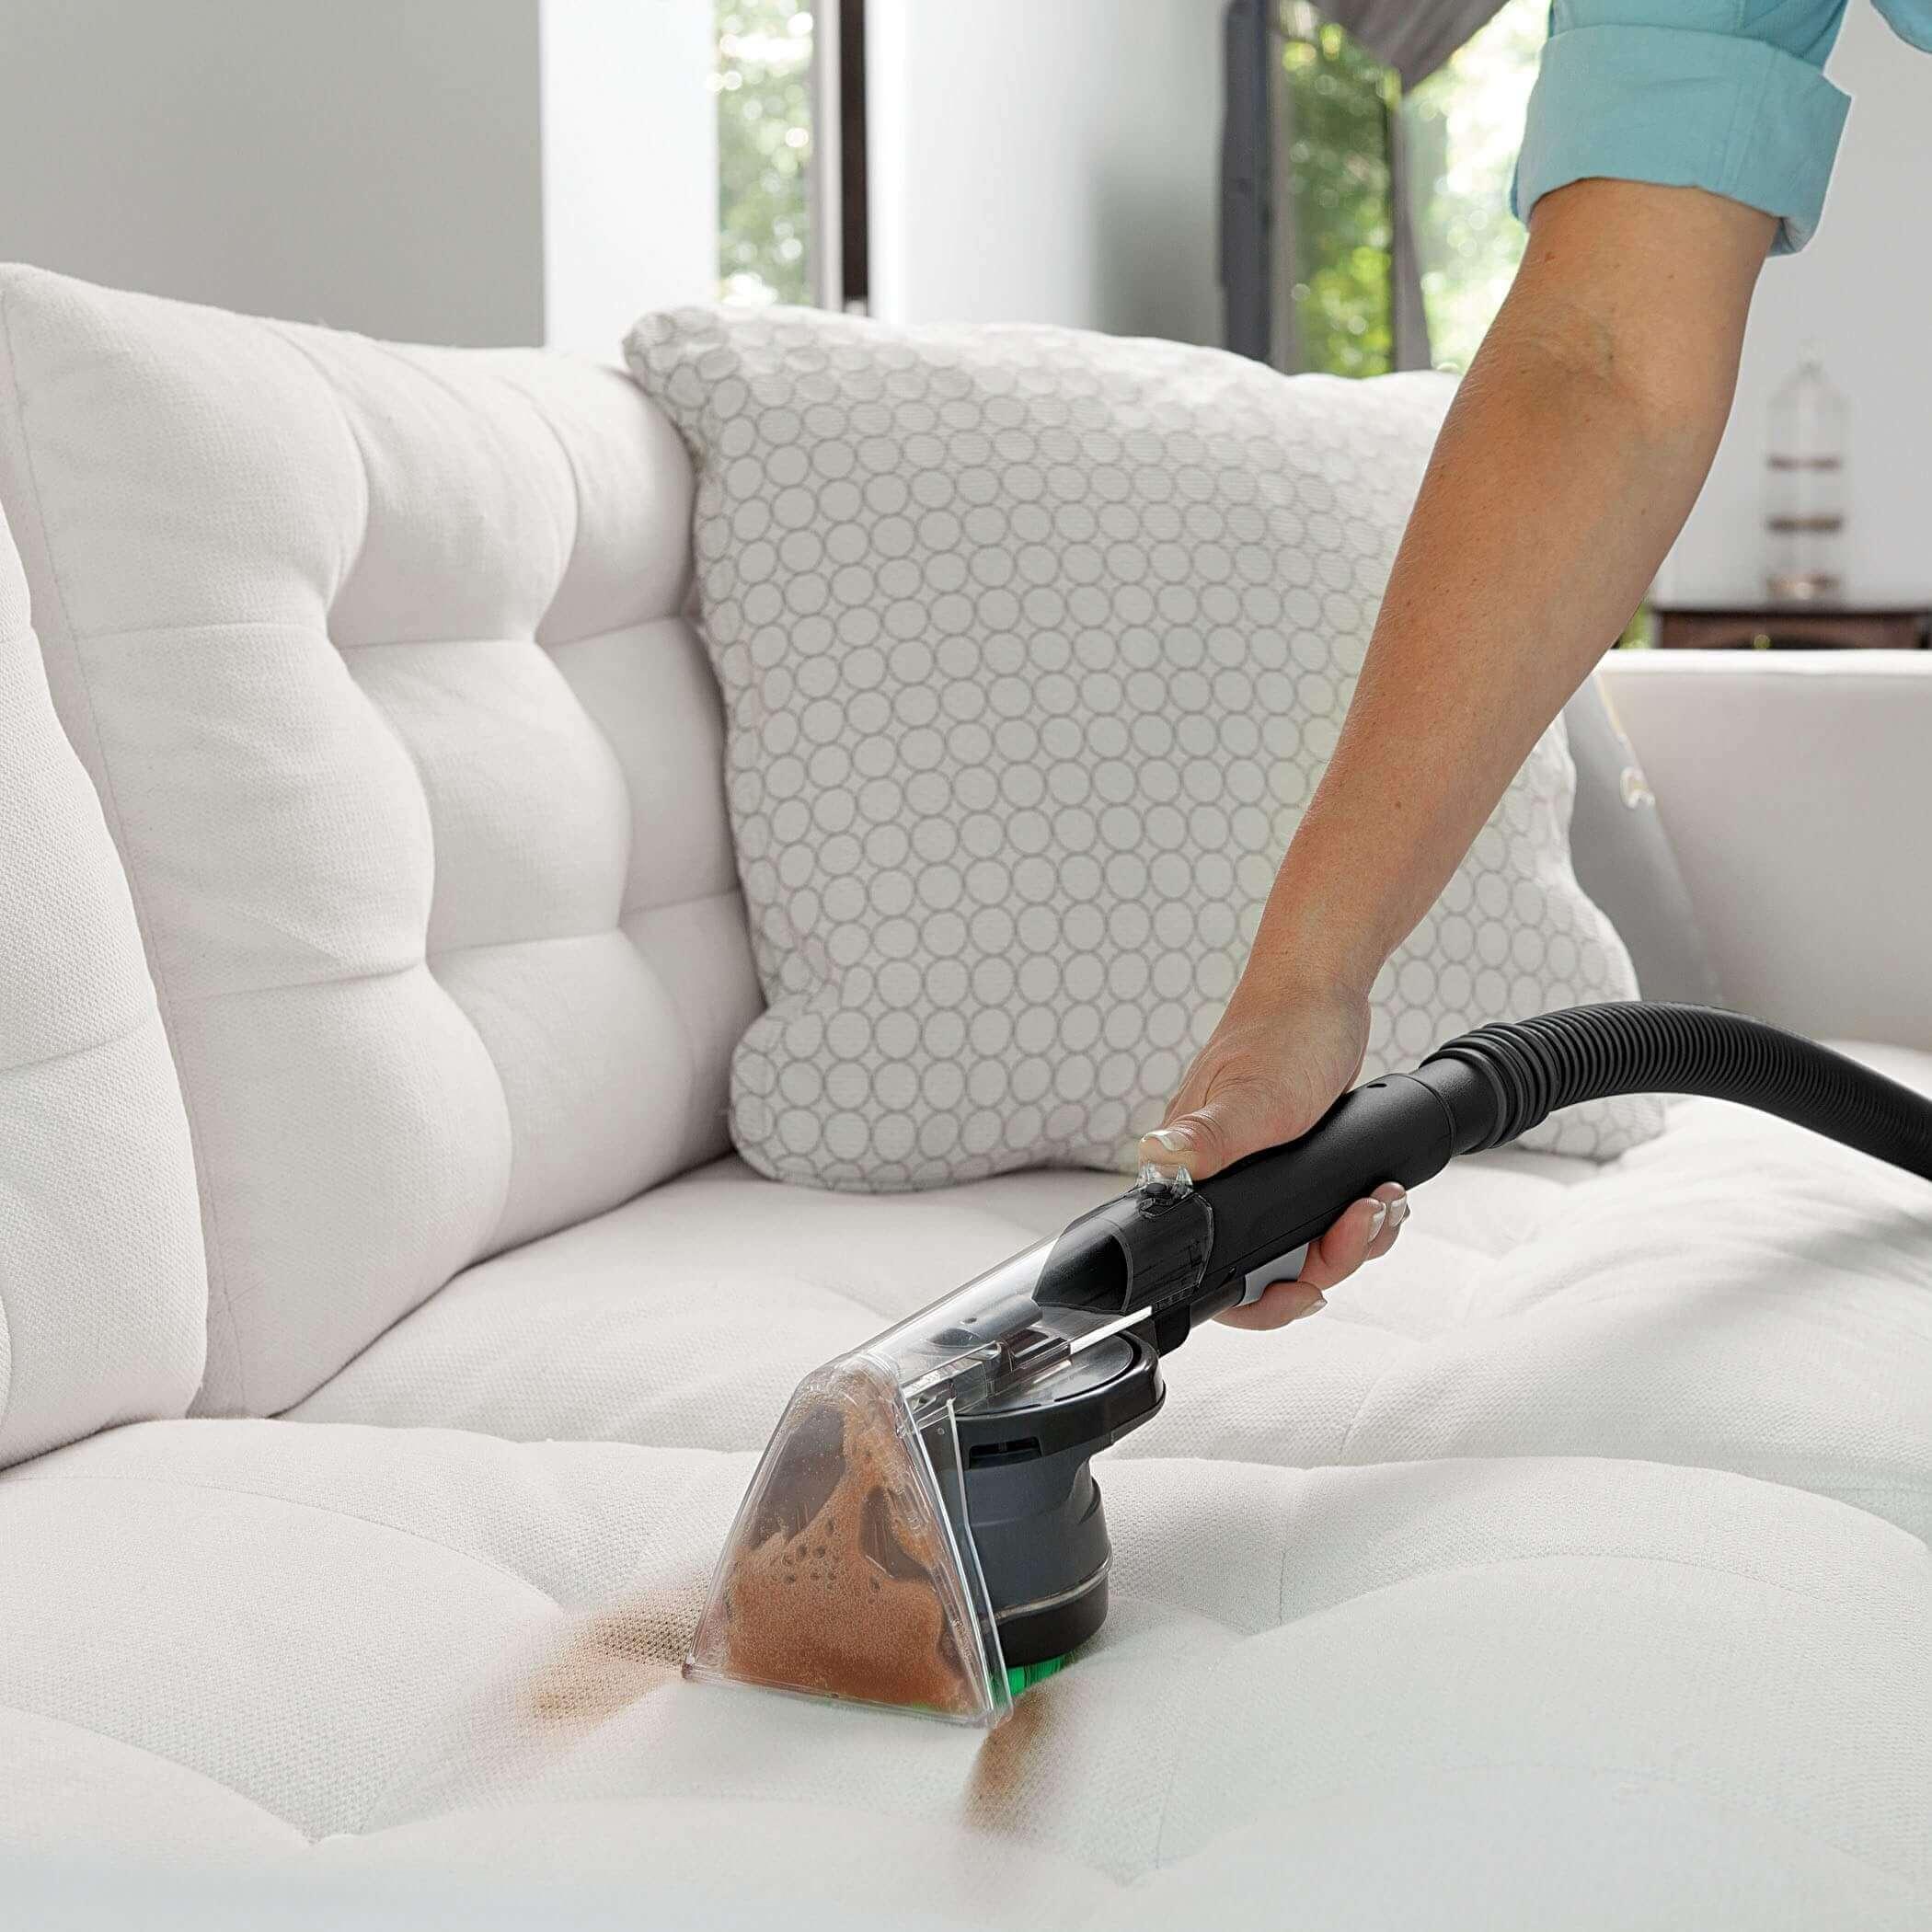 Почистить мягкую мебель домашним способом